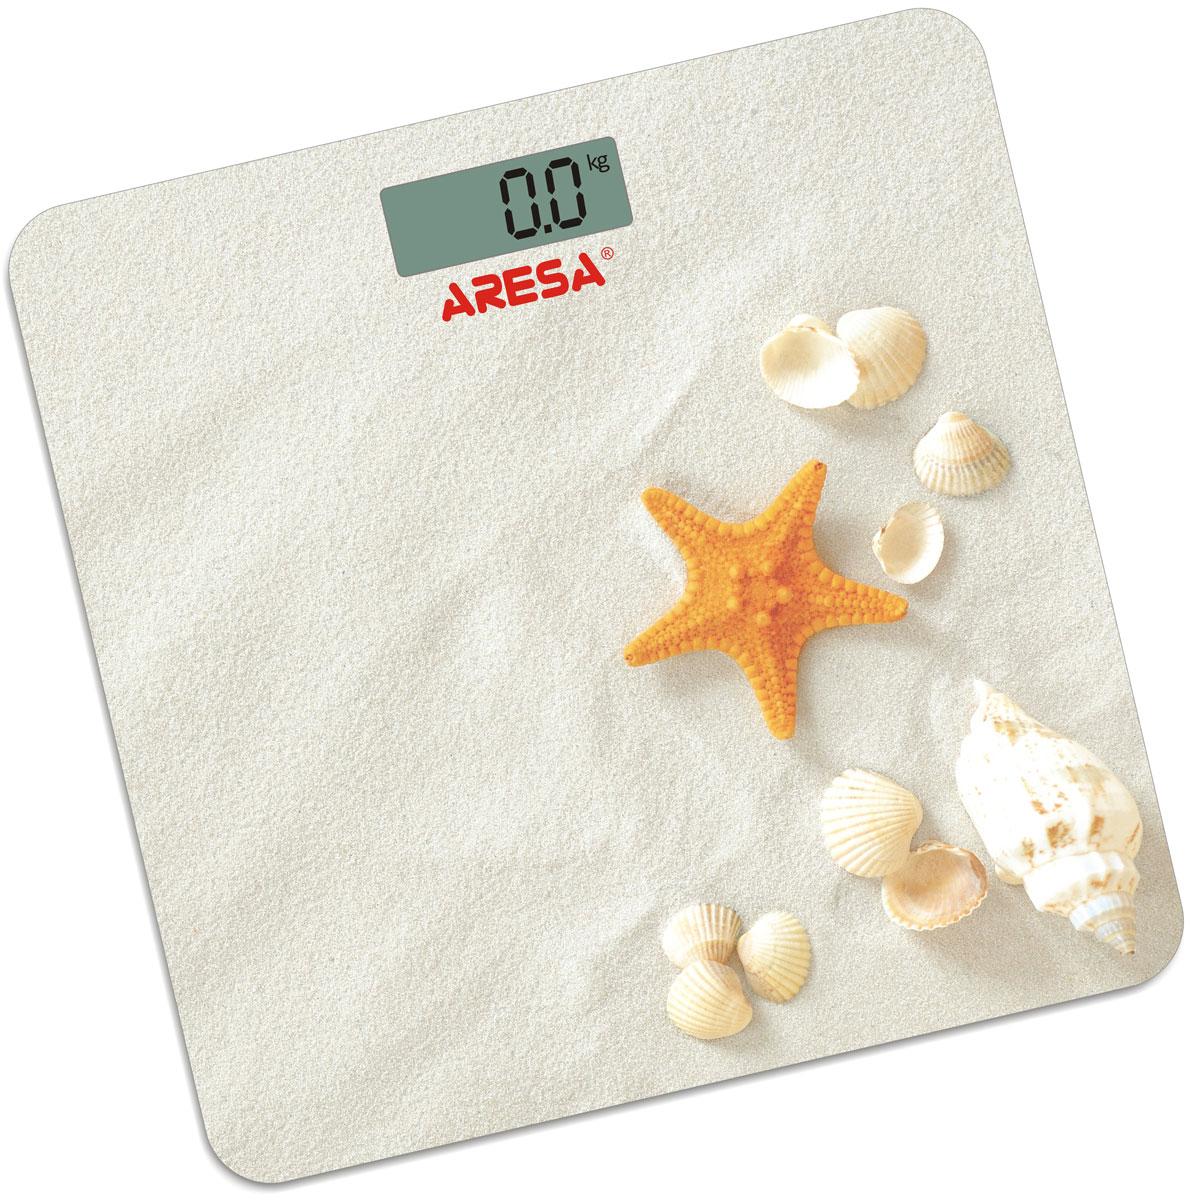 Aresa SB-305 напольные весыSB-305Напольные электронные весы Aresa SB-305 - неотъемлемый атрибут здорового образа жизни. Они необходимы тем, кто следит за своим здоровьем, весом, ведет активный образ жизни, занимается спортом и фитнесом. Очень удобны для будущих мам, постоянно контролирующих прибавку в весе, также рекомендуются родителям, внимательно следящим за весом своих детей.Минимальная нагрузка: 2,5 кг